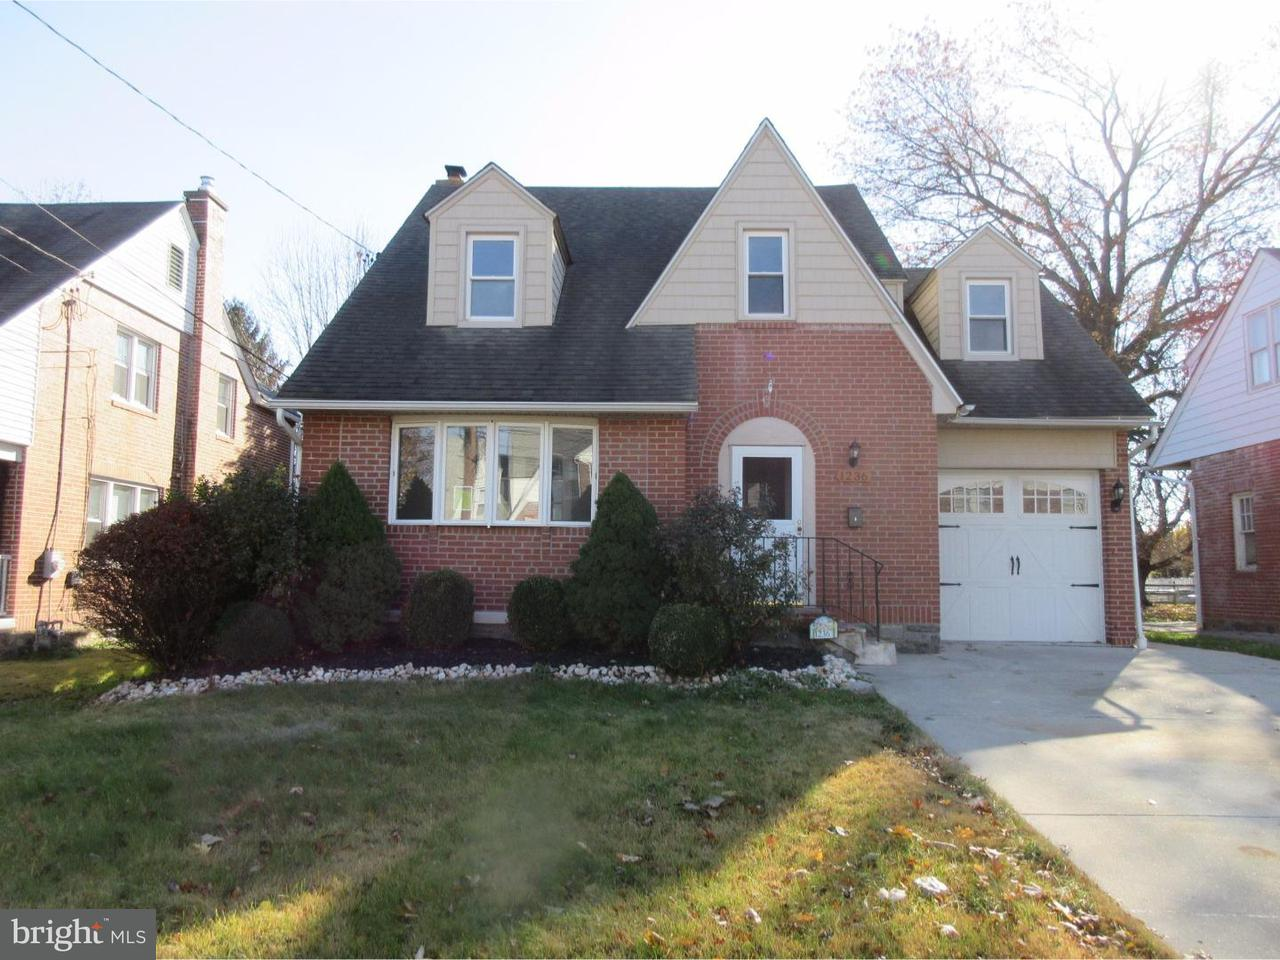 独户住宅 为 销售 在 1236 JEFFERSON Avenue Woodlyn, 宾夕法尼亚州 19094 美国